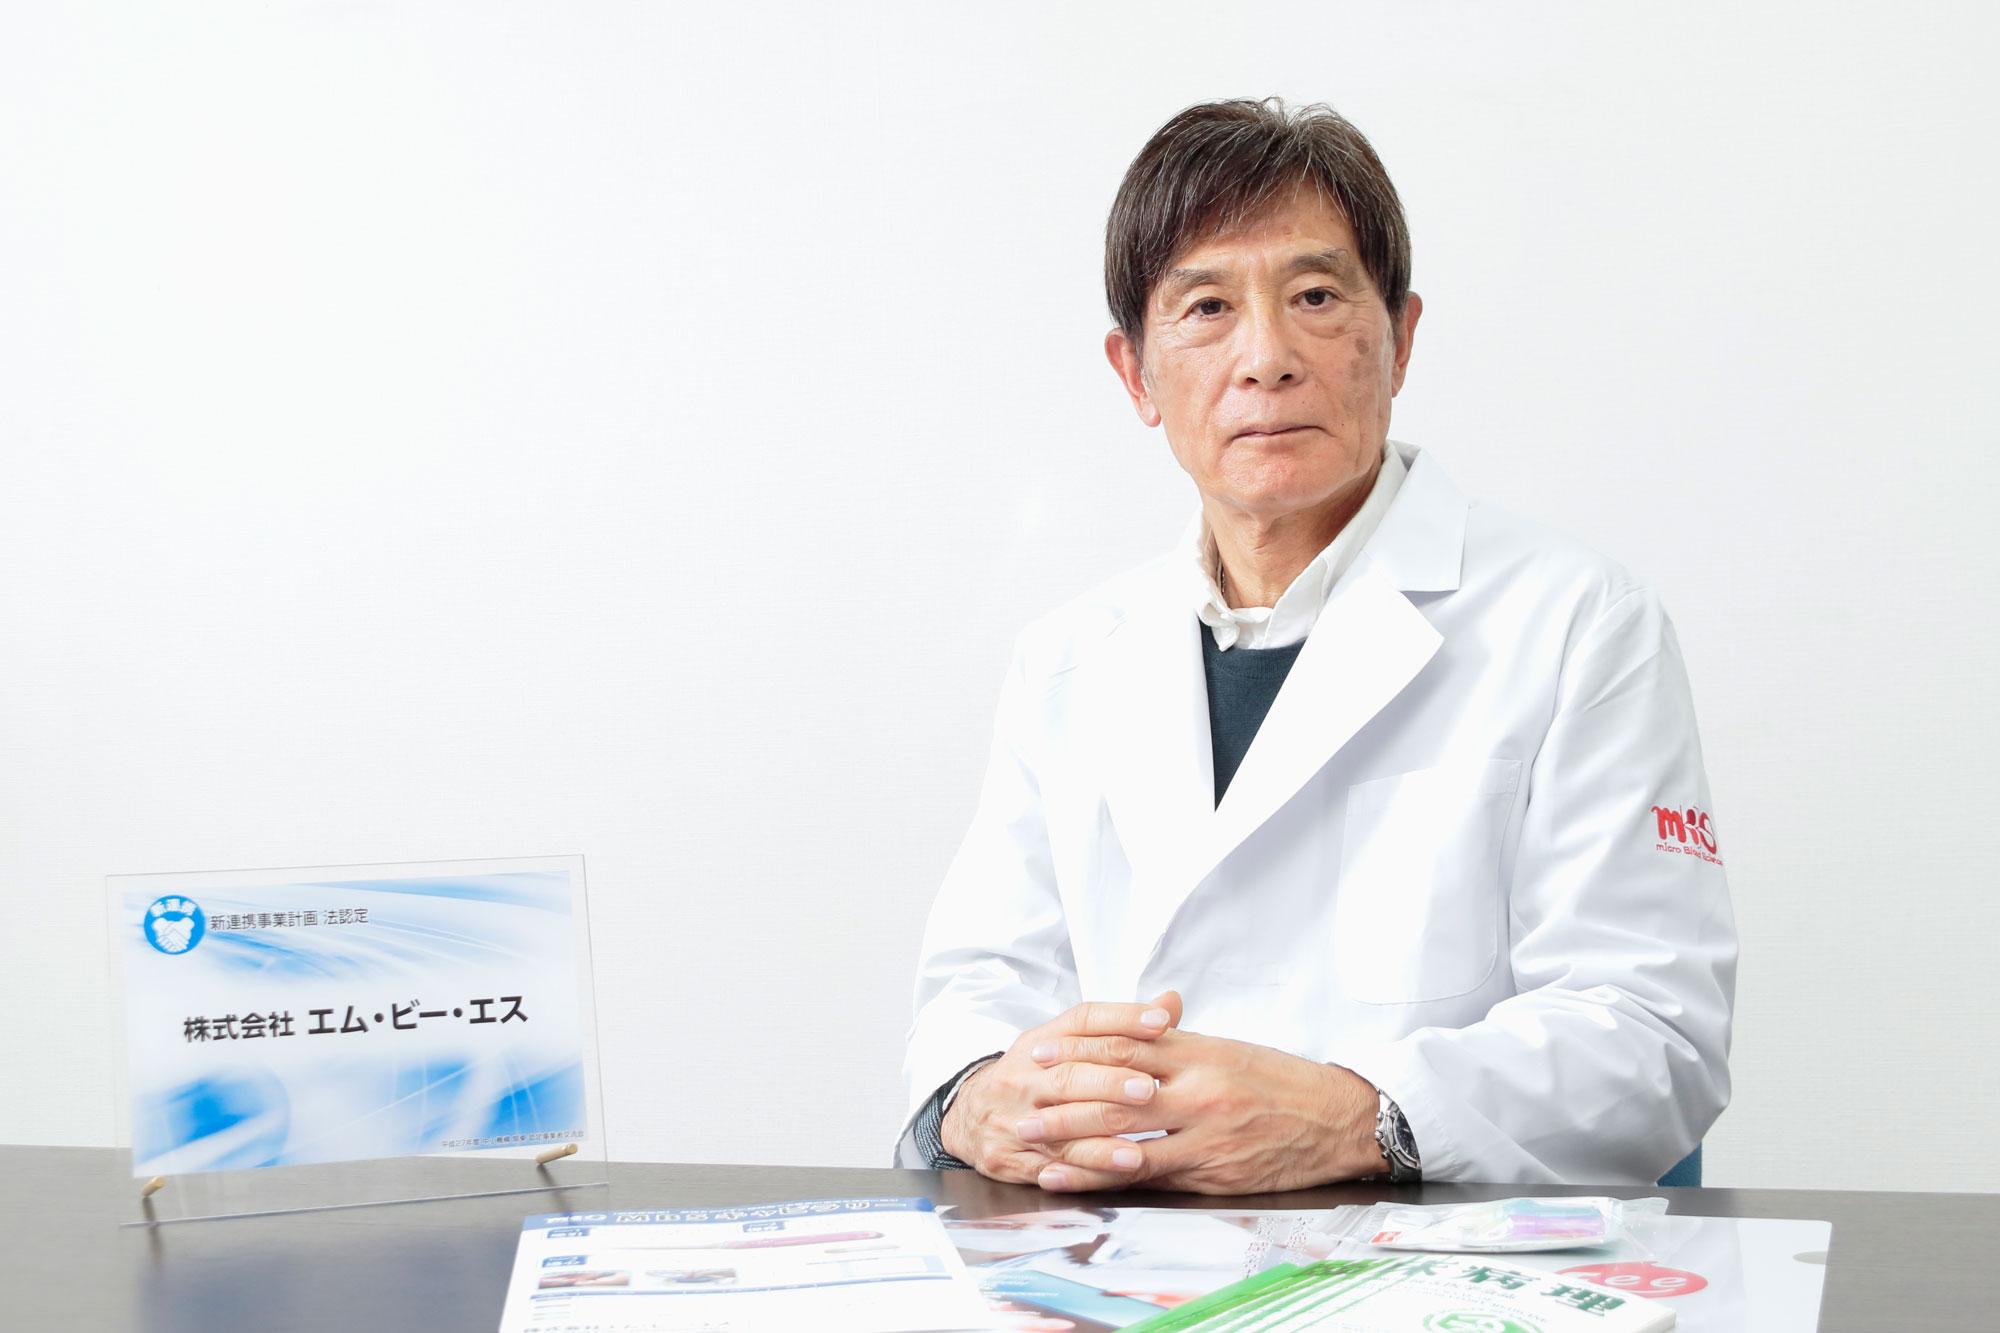 株式会社マイクロブラッドサイエンス(MBS) 岩澤肇社長 記事サムネイル画像